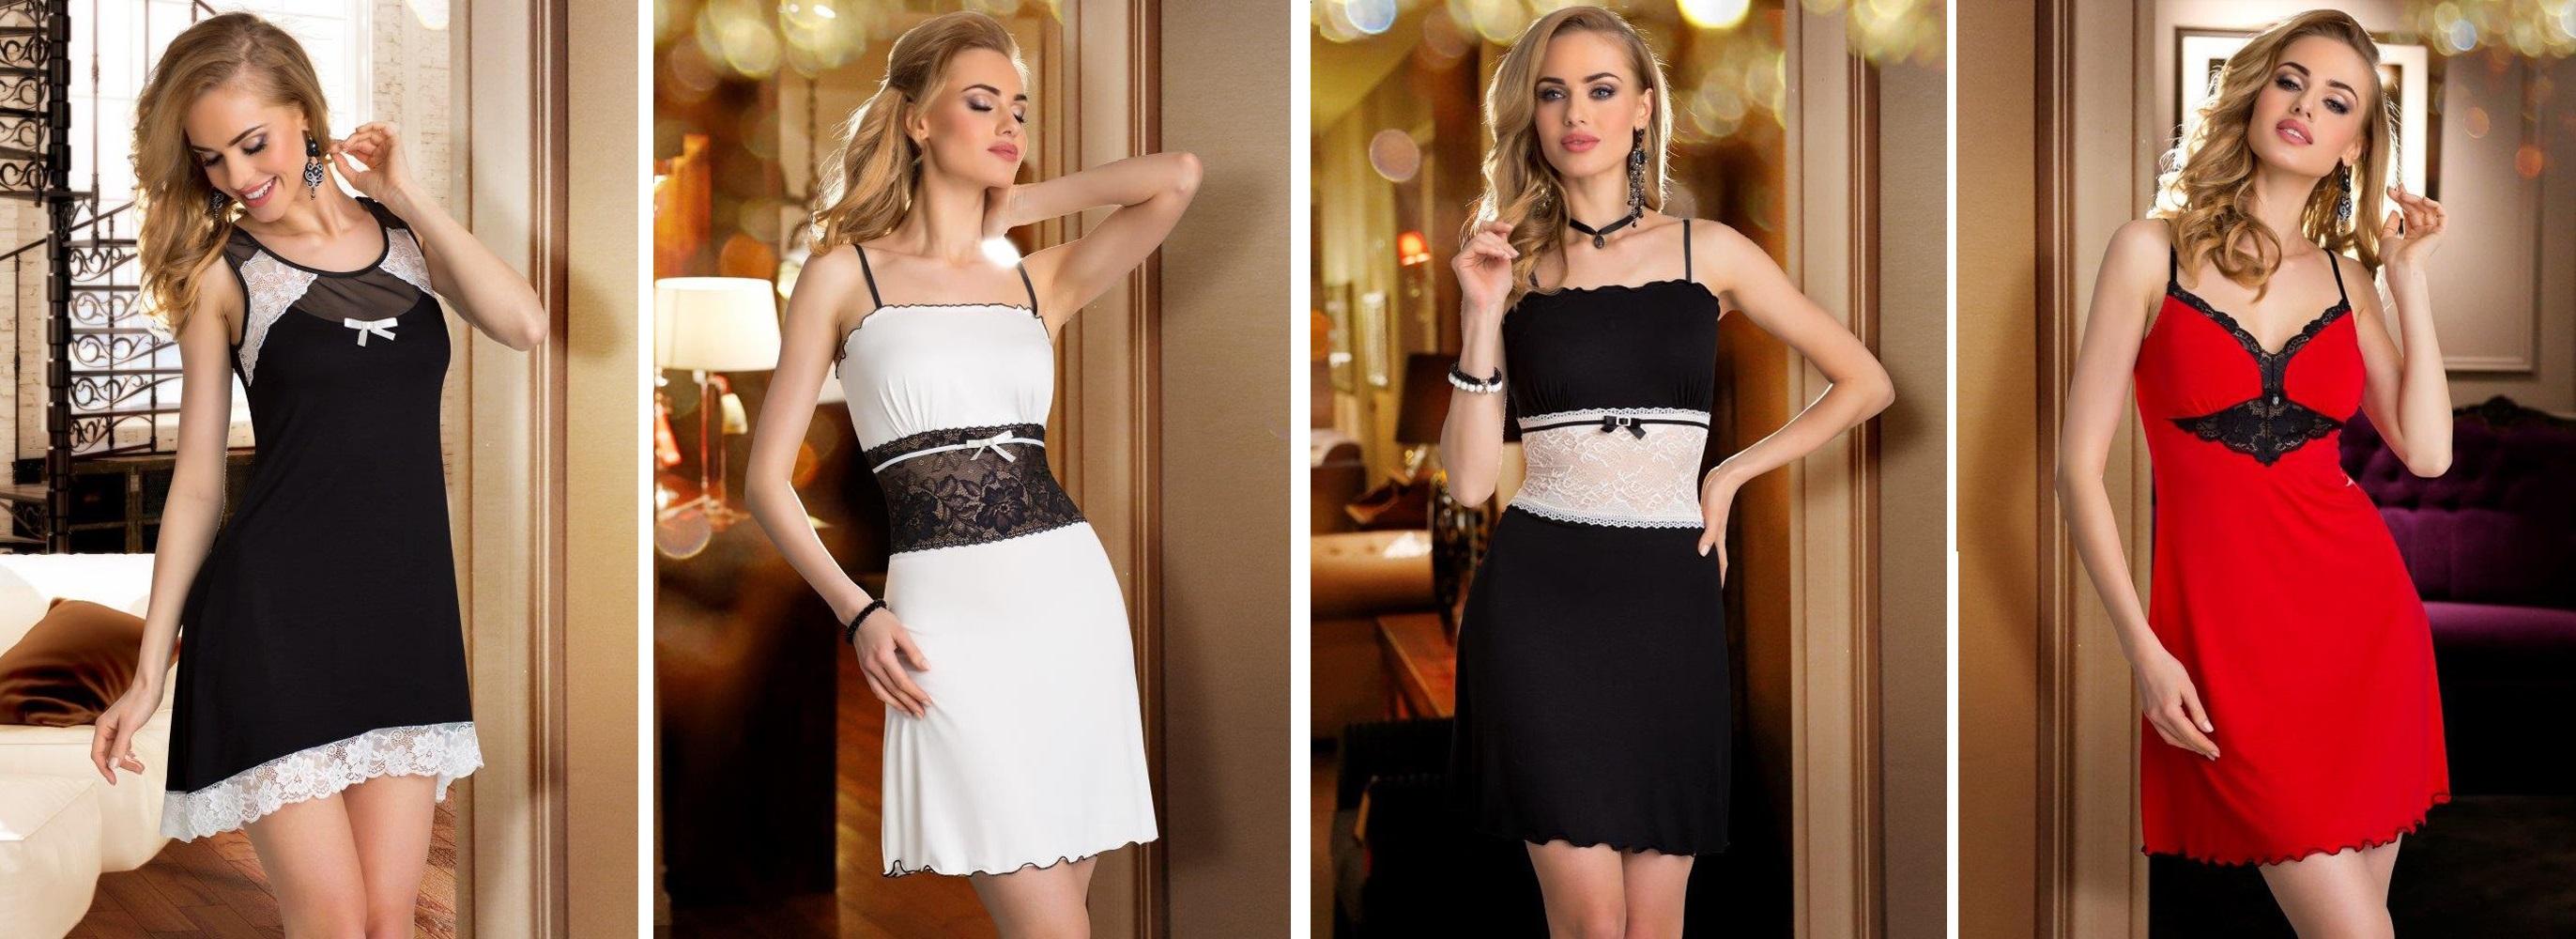 Женские сорочки вискоза Eldar купить интернет-магазин Киев